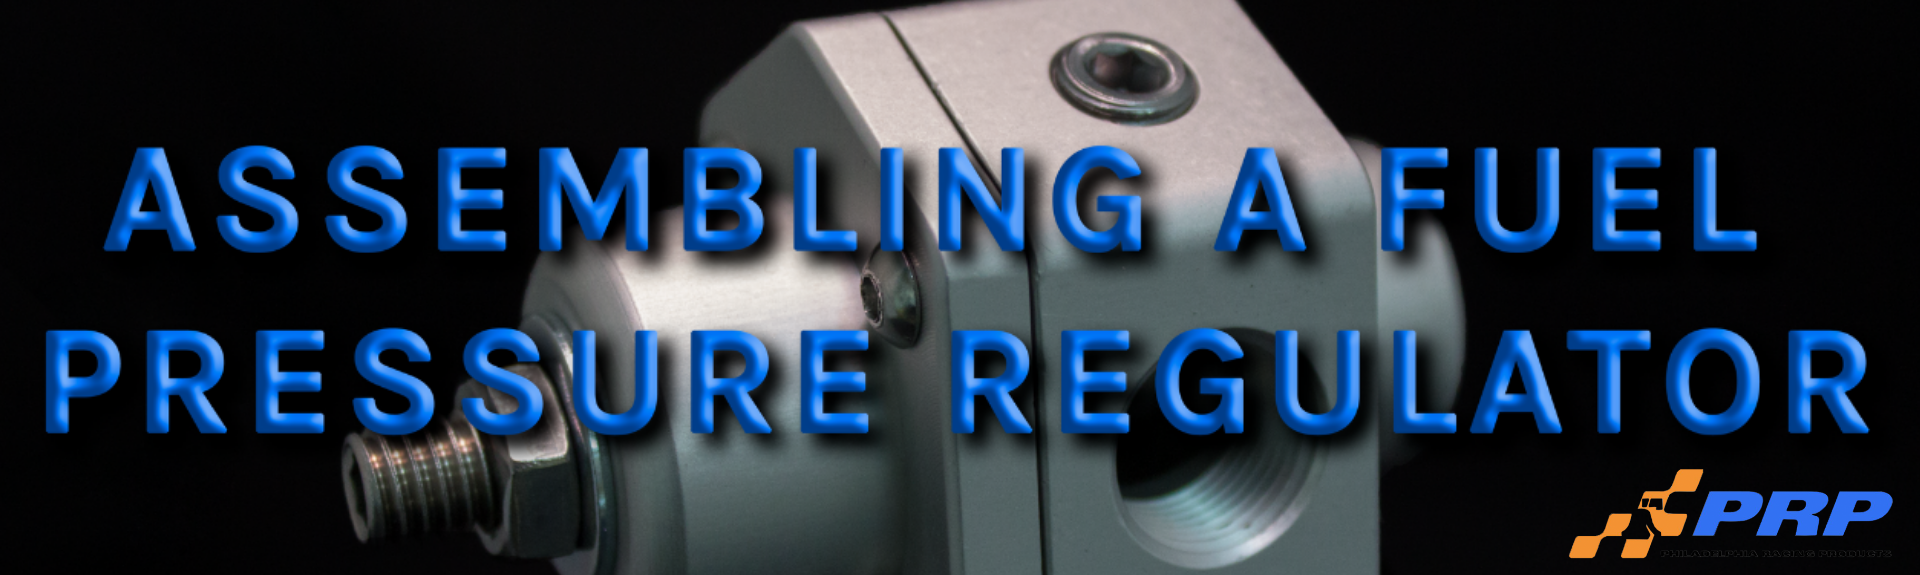 Fuel Pressure Regulator Assembly